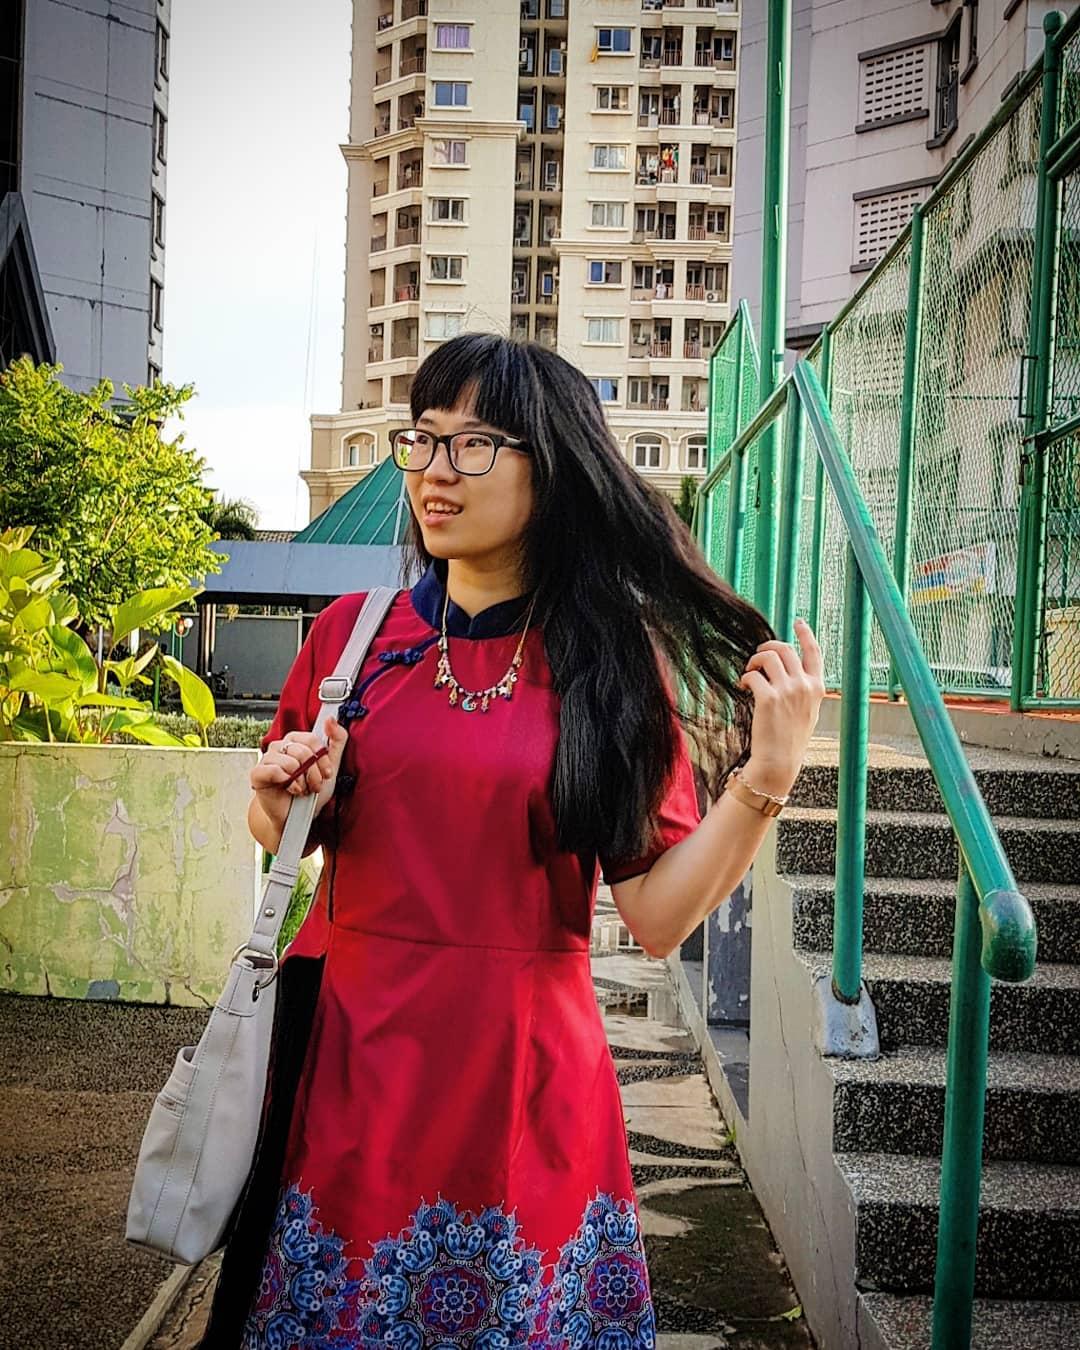 Keren banget ❤️❤️❤️ Love it!! -Indayani from Palembang, Indonesia